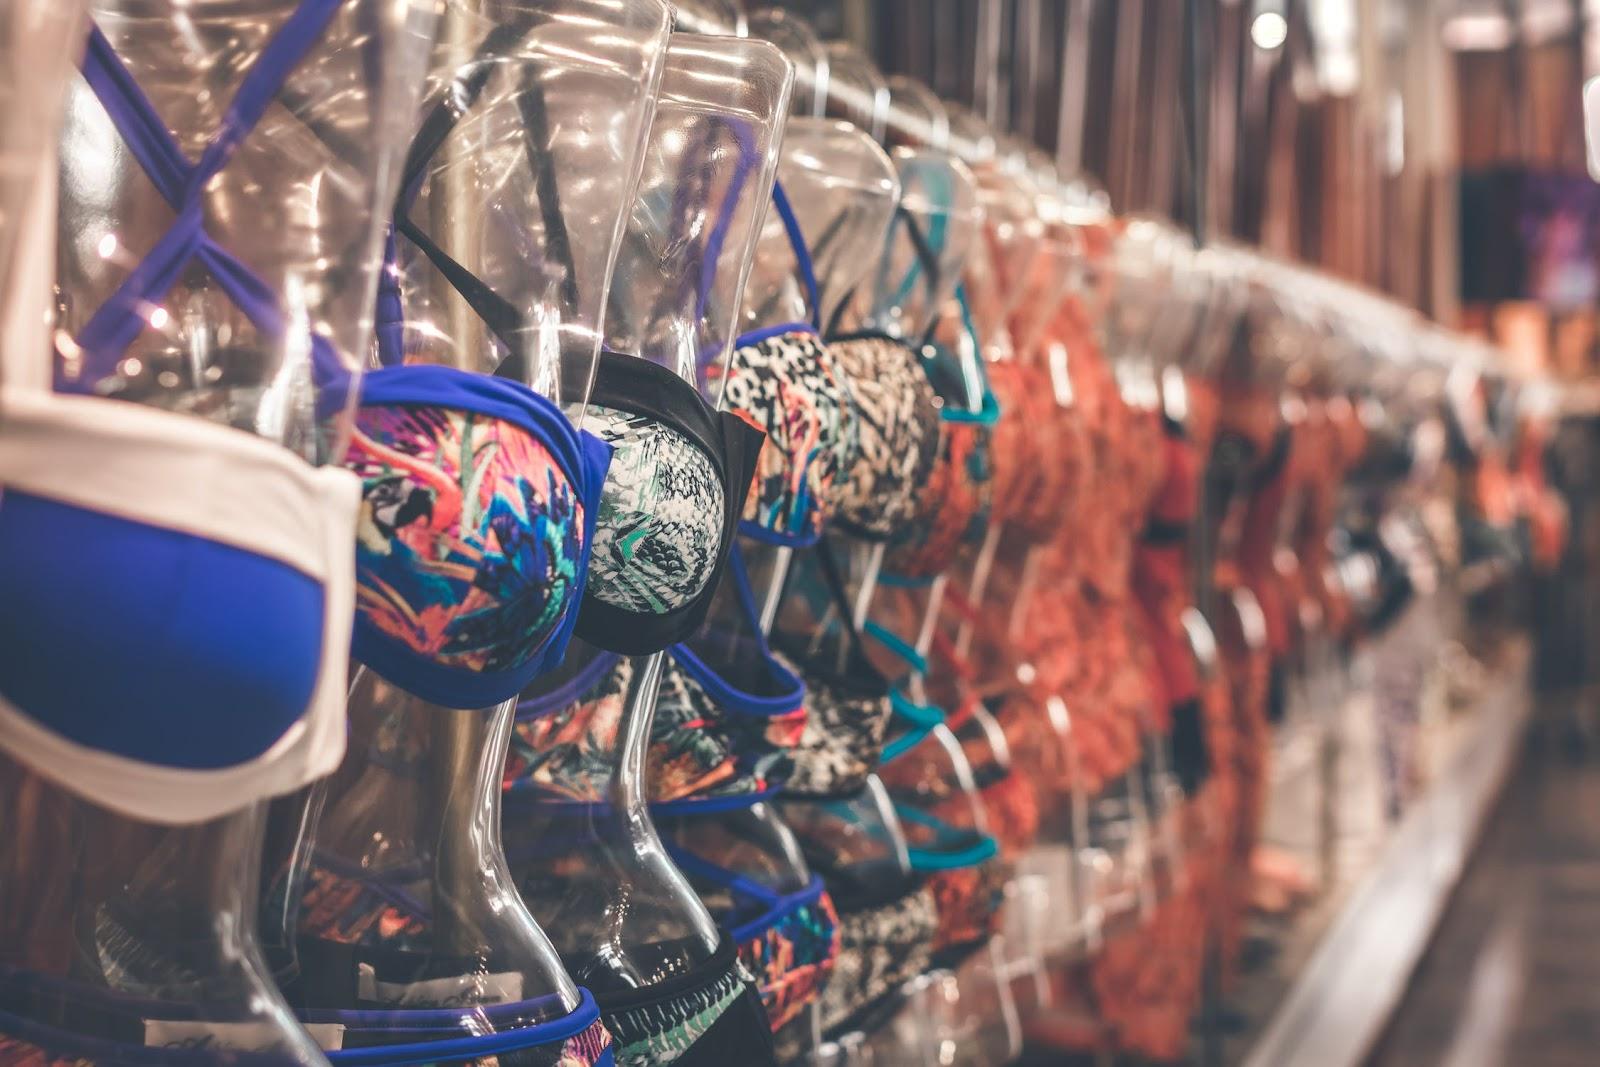 Tipos de biquínis expostos em cabides e modelos de plástico.